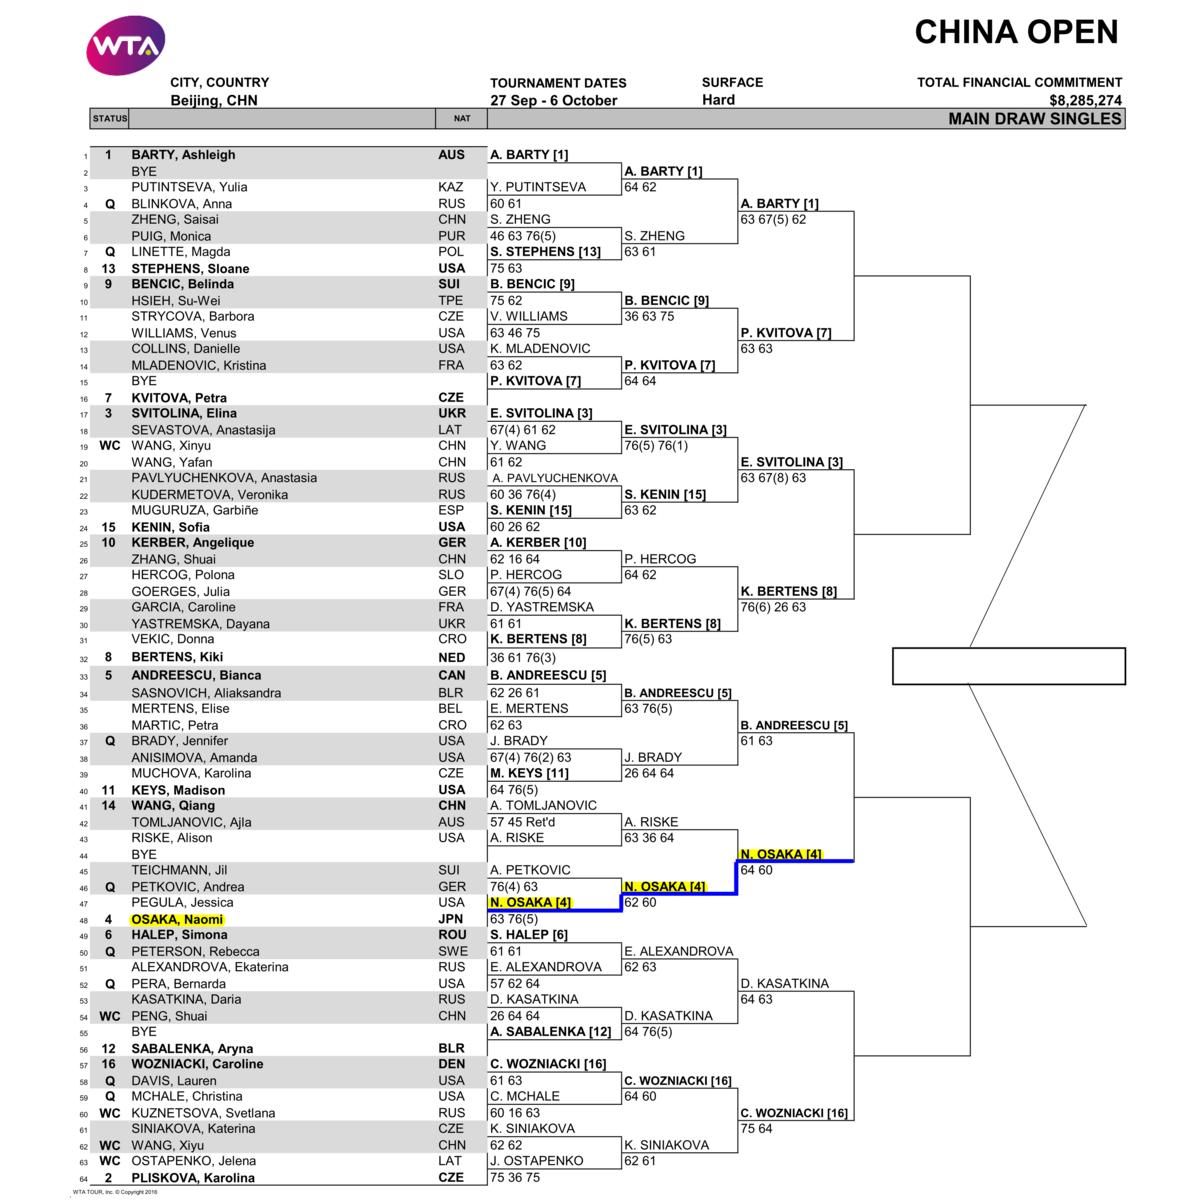 チャイナオープン2019準々決勝のドロー